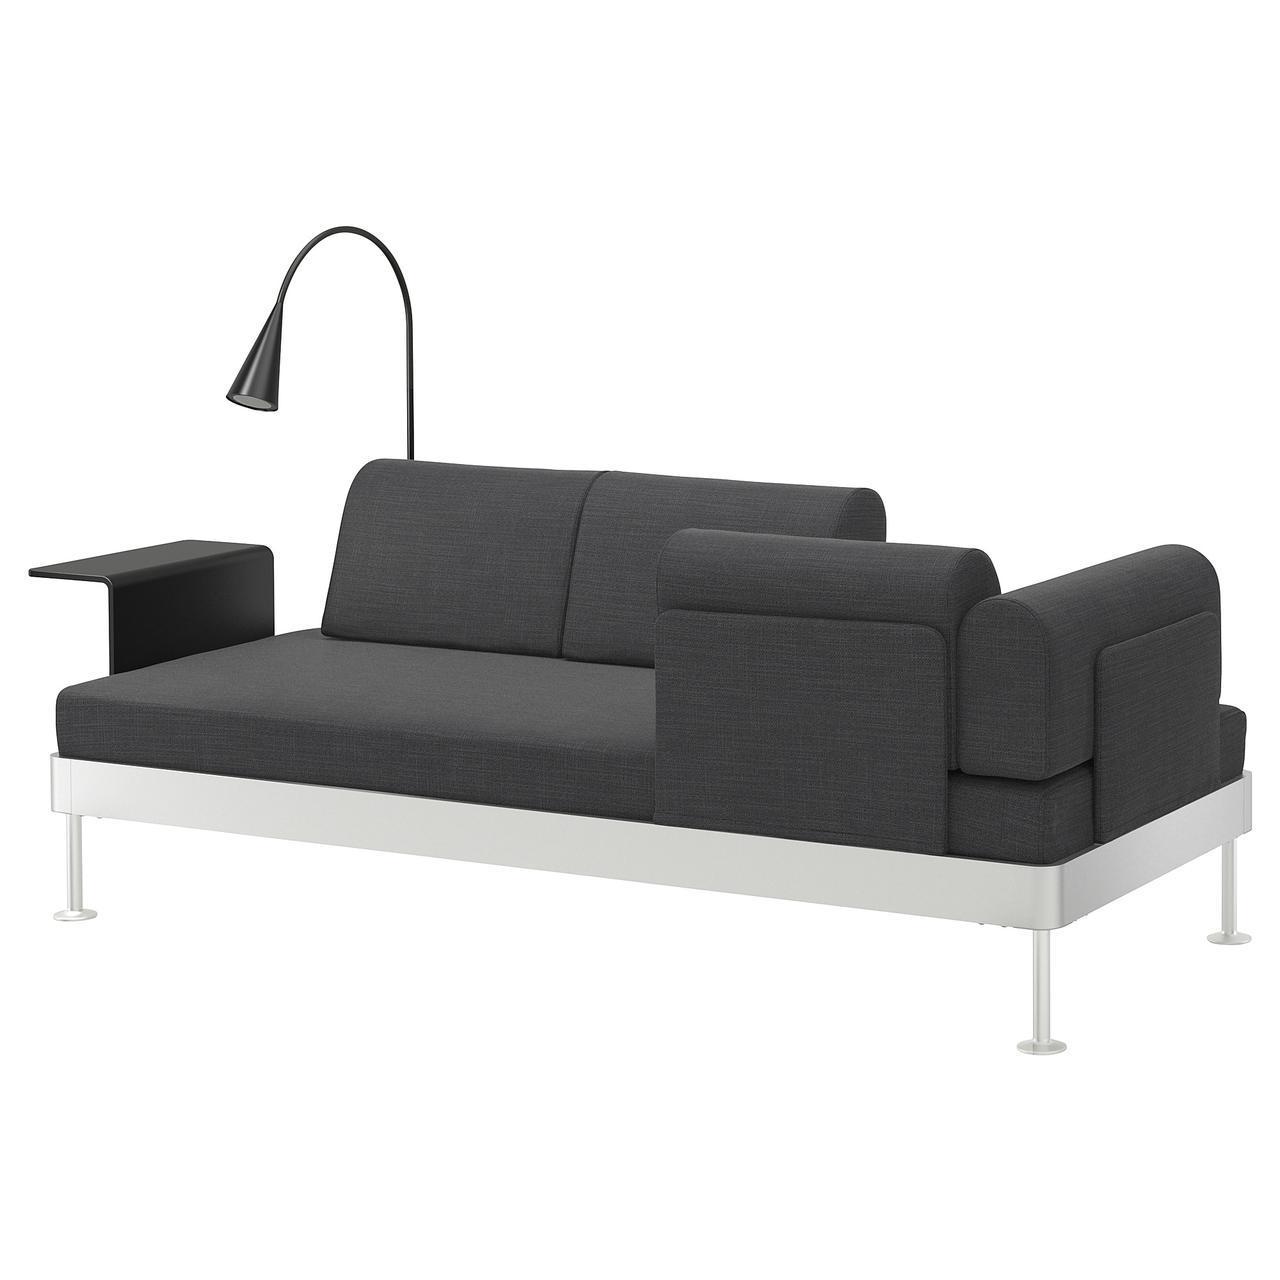 IKEA DELAKTIG (092.597.59) Диван 3-местный стол/лампа, анклацит с ангидритом